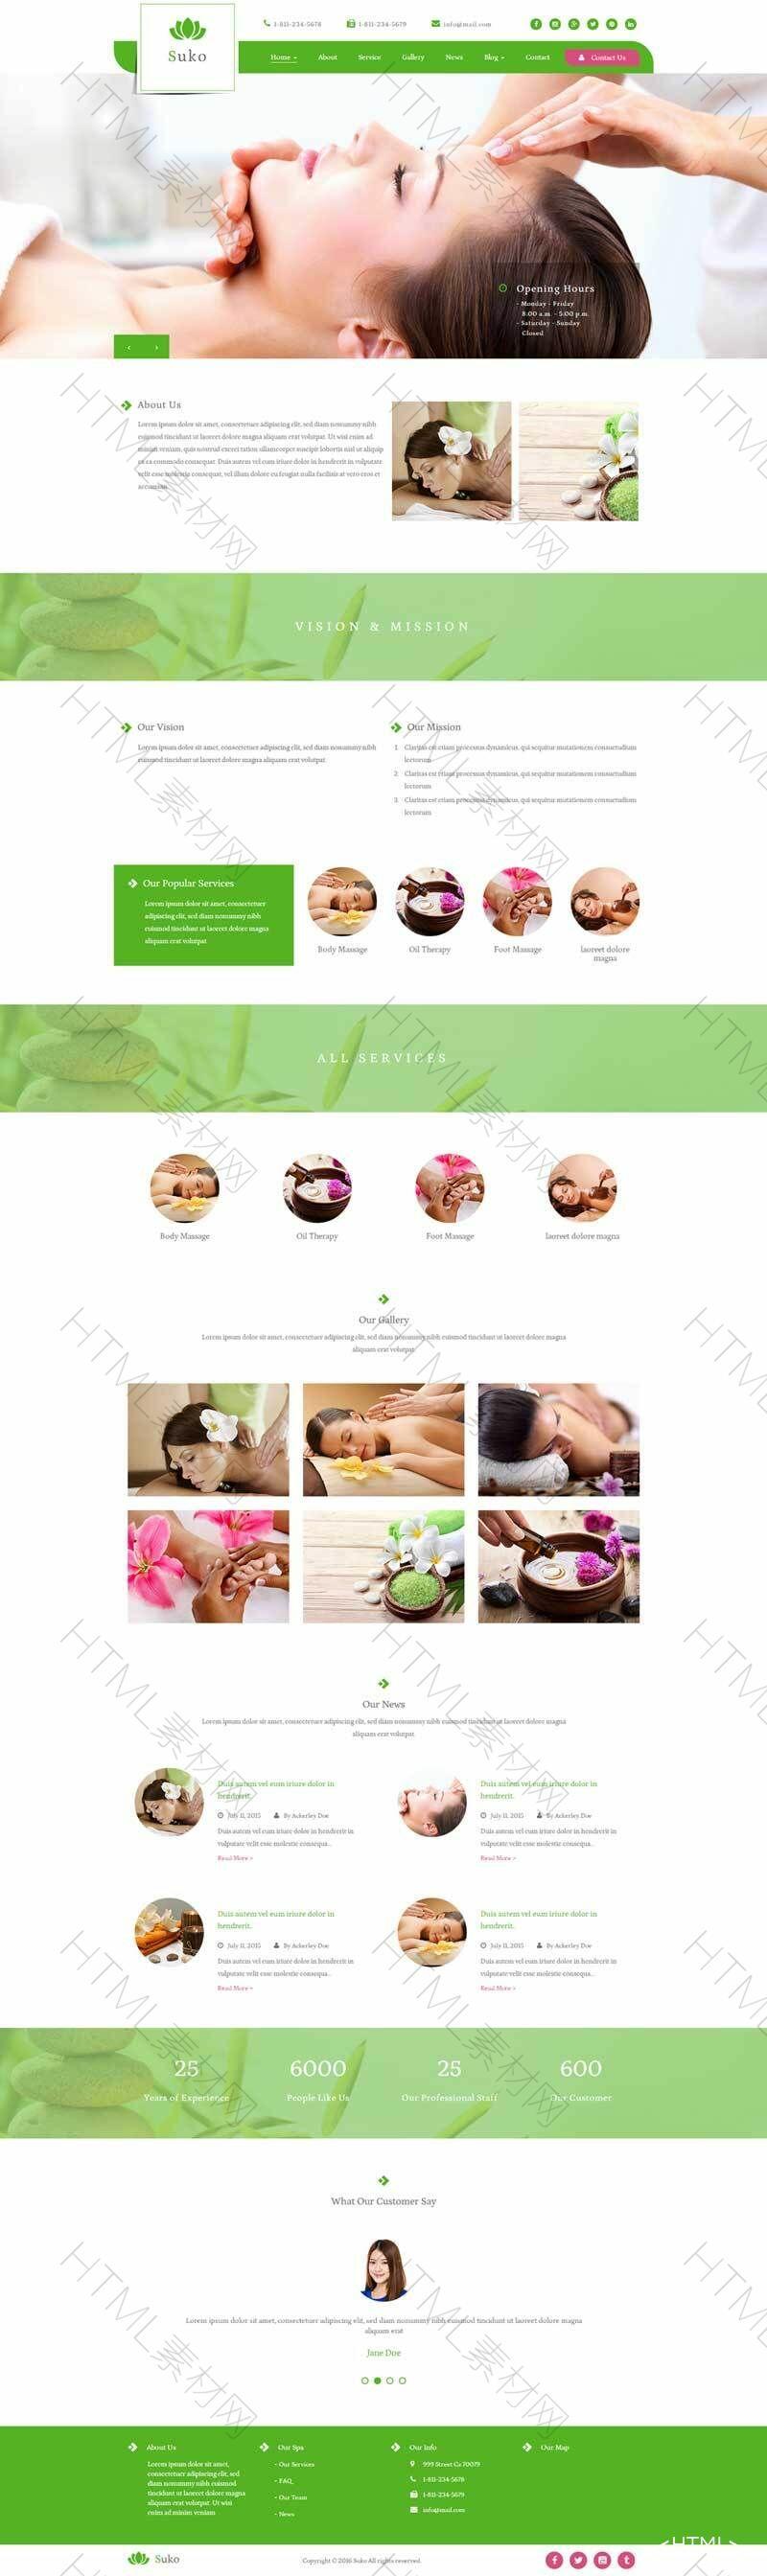 绿色的美容spa会所网站html5模板.jpg